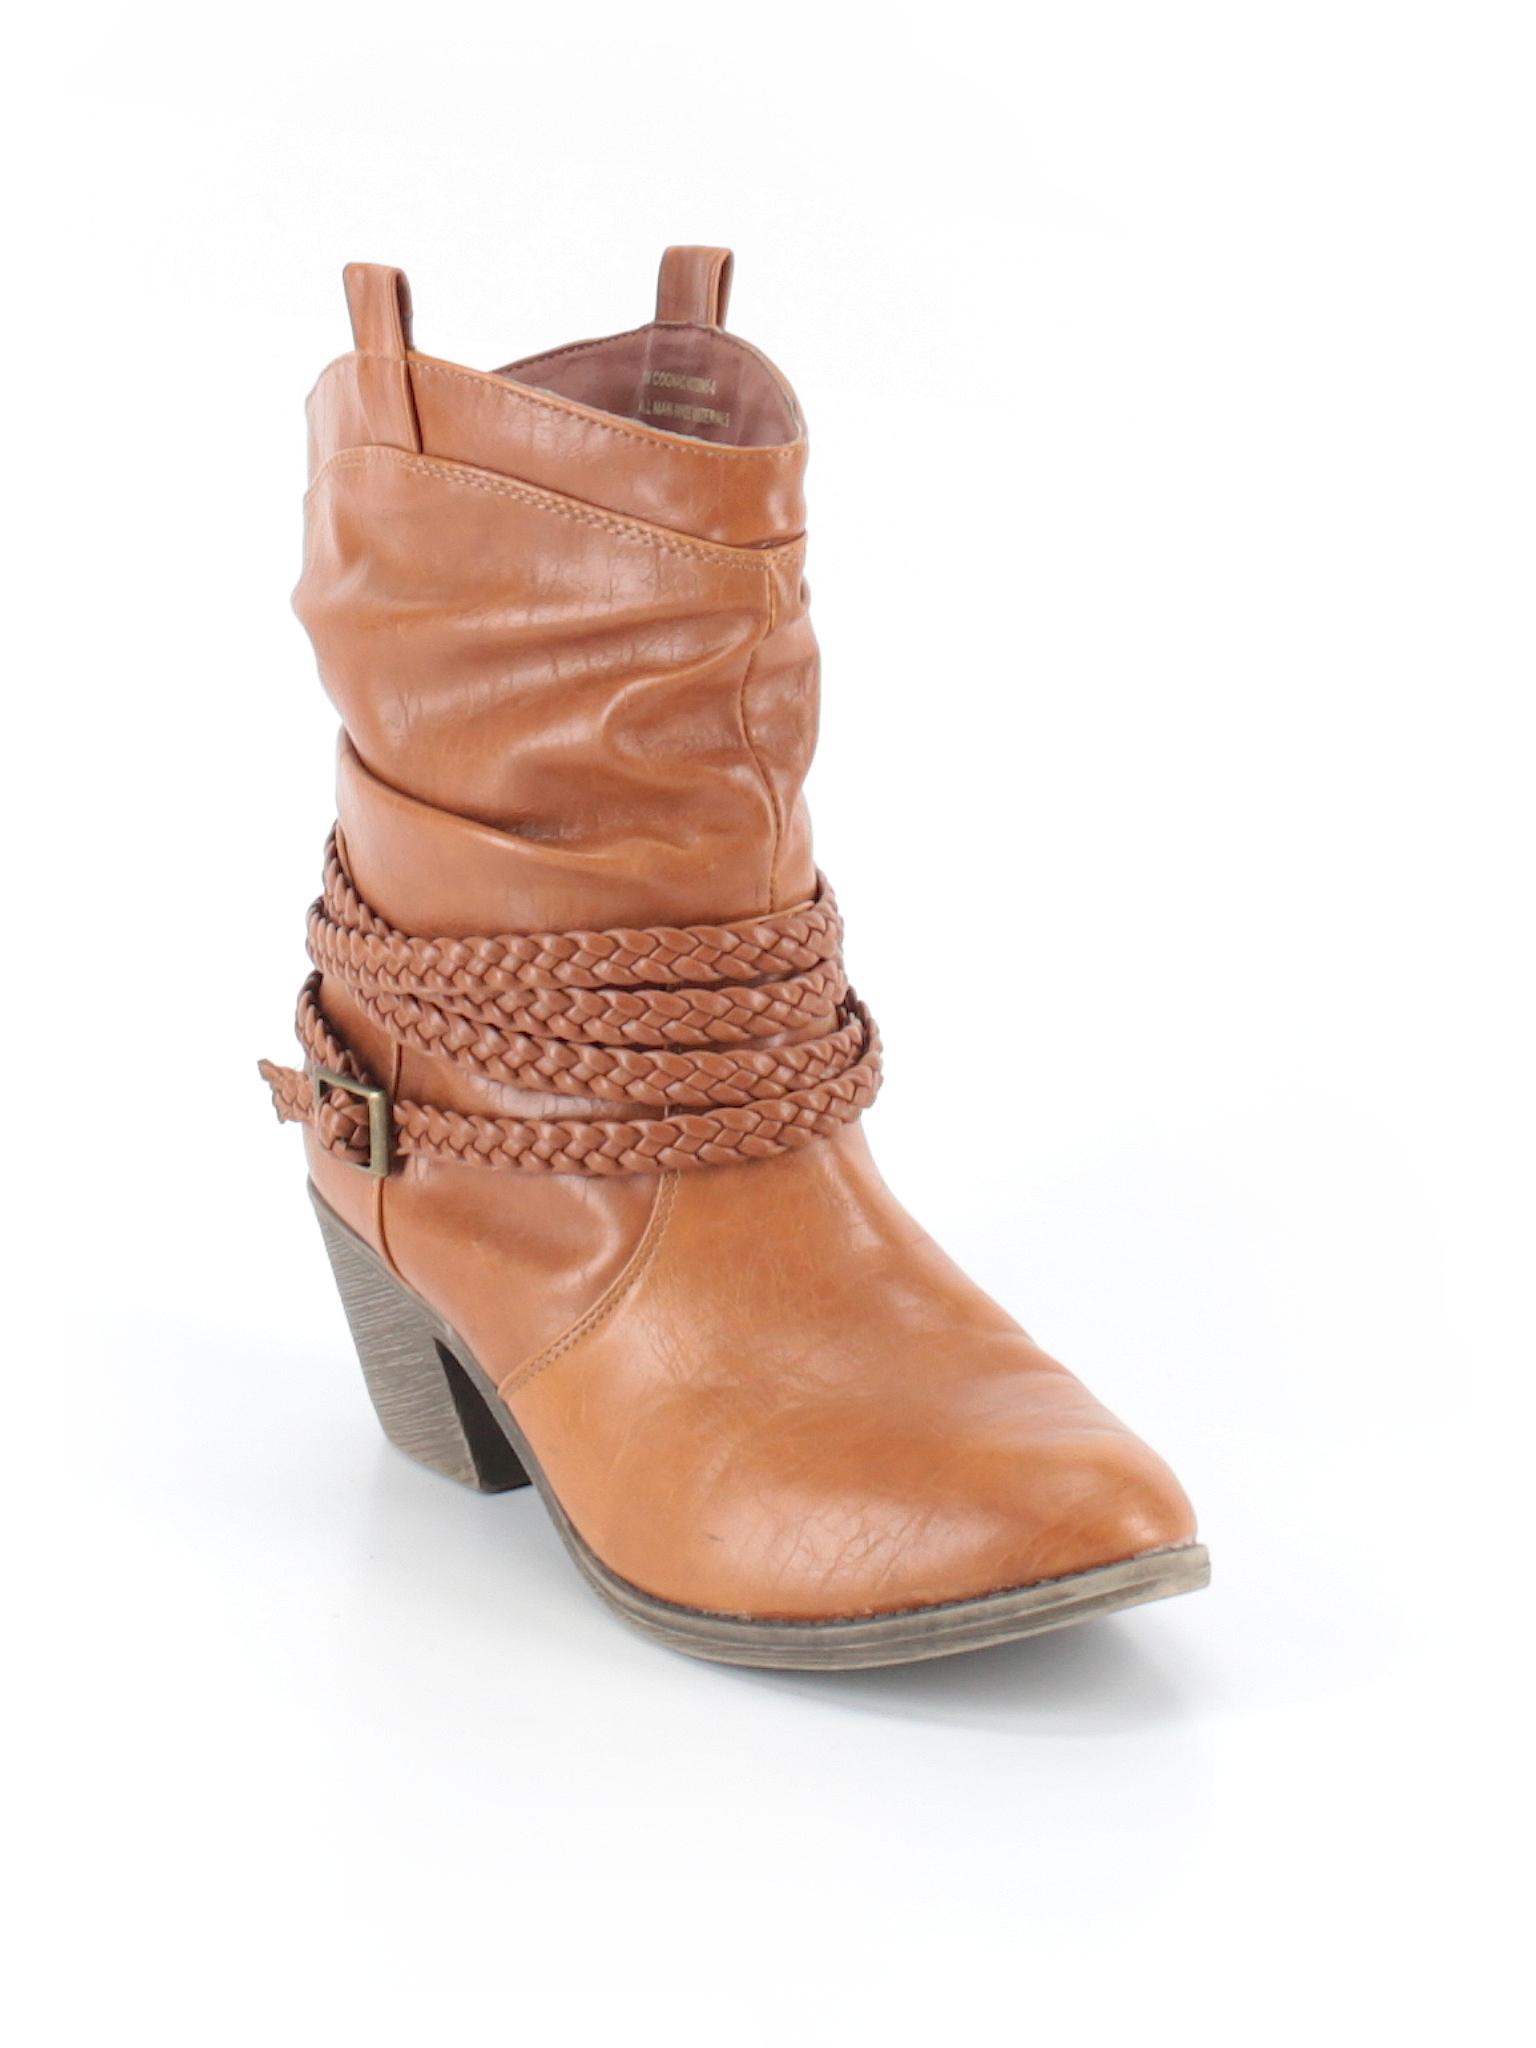 74c4fa59c6d Boots